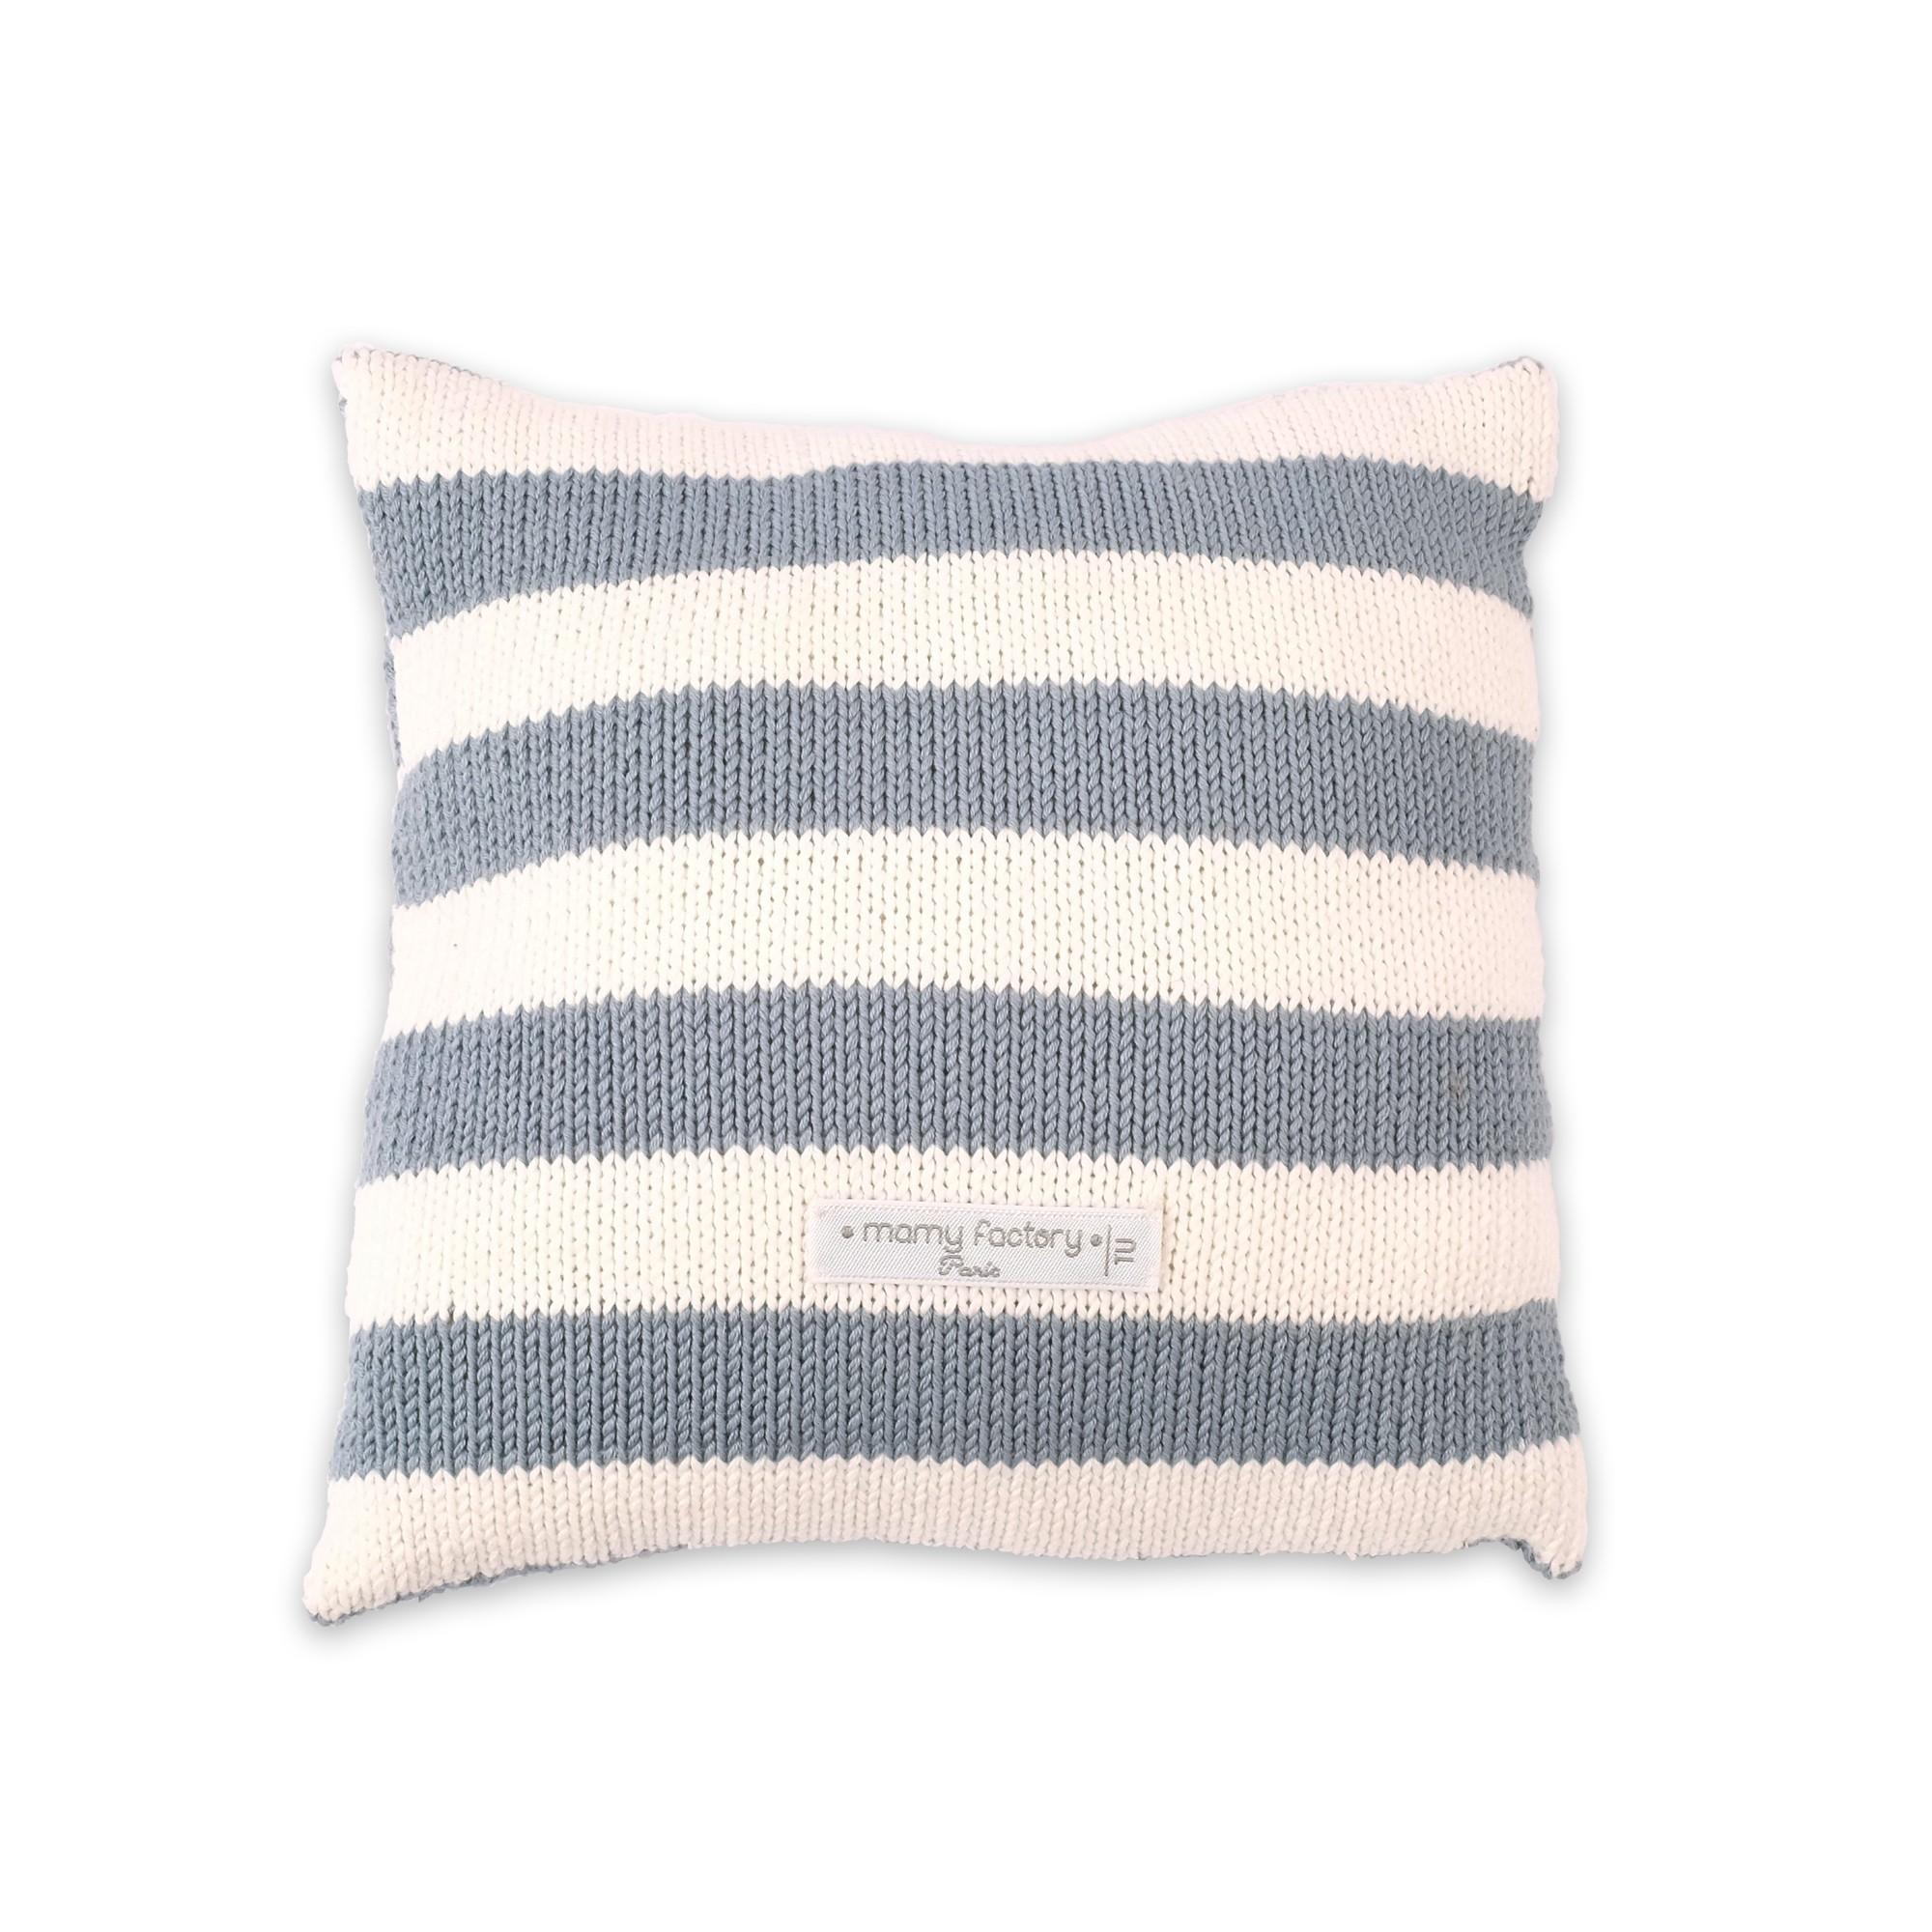 cadeaux de naissance personnaliser coussin tricot bleu. Black Bedroom Furniture Sets. Home Design Ideas